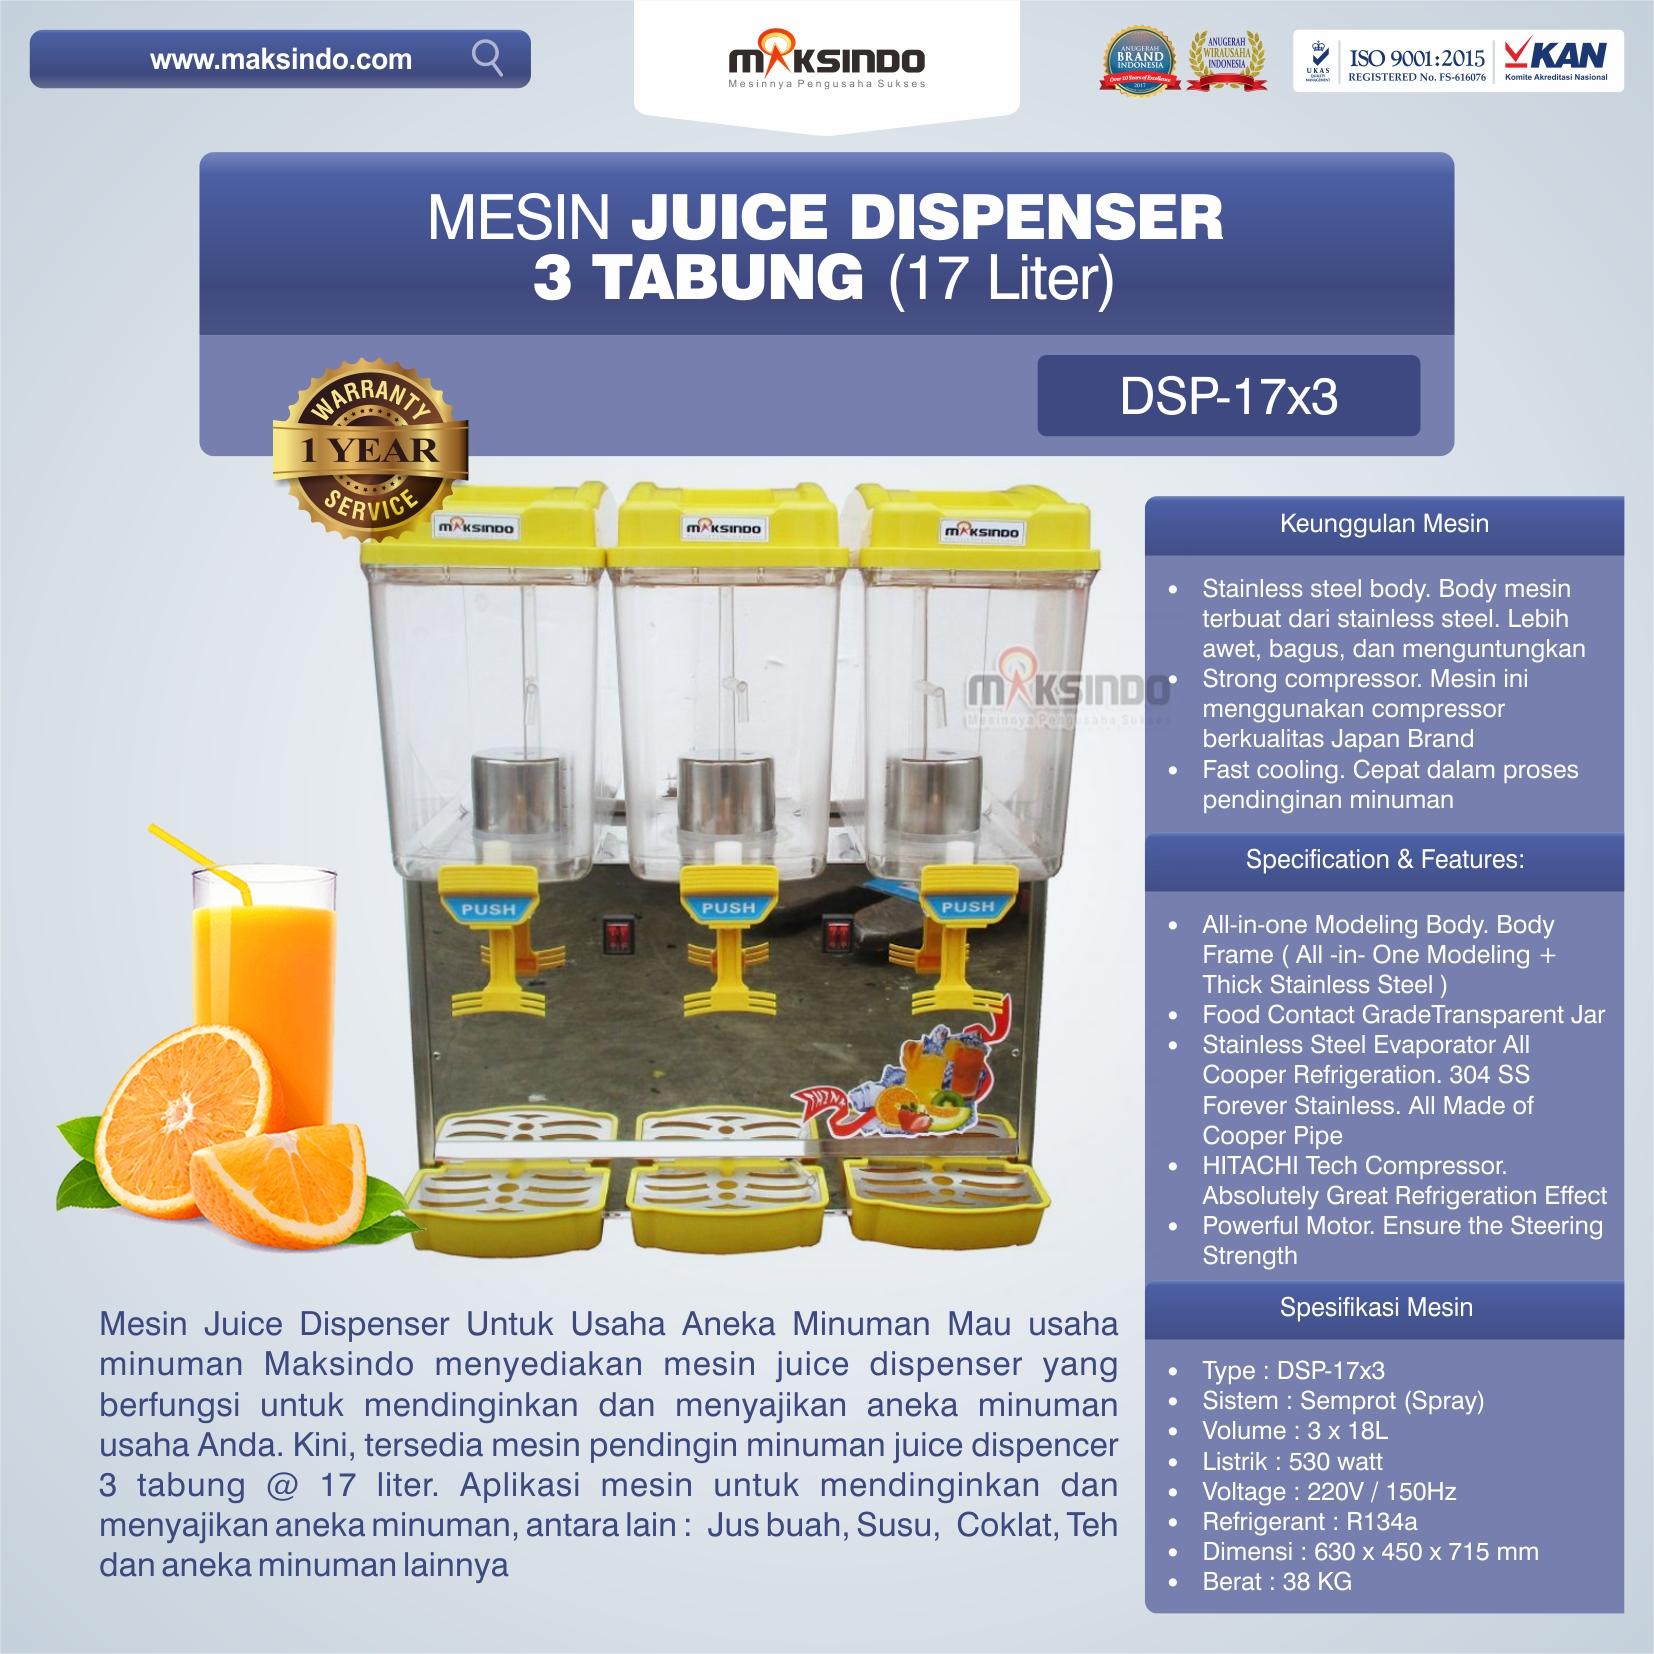 Jual Mesin Juice Dispenser 3 Tabung (17 Liter) – DSP17x3 di Bekasi